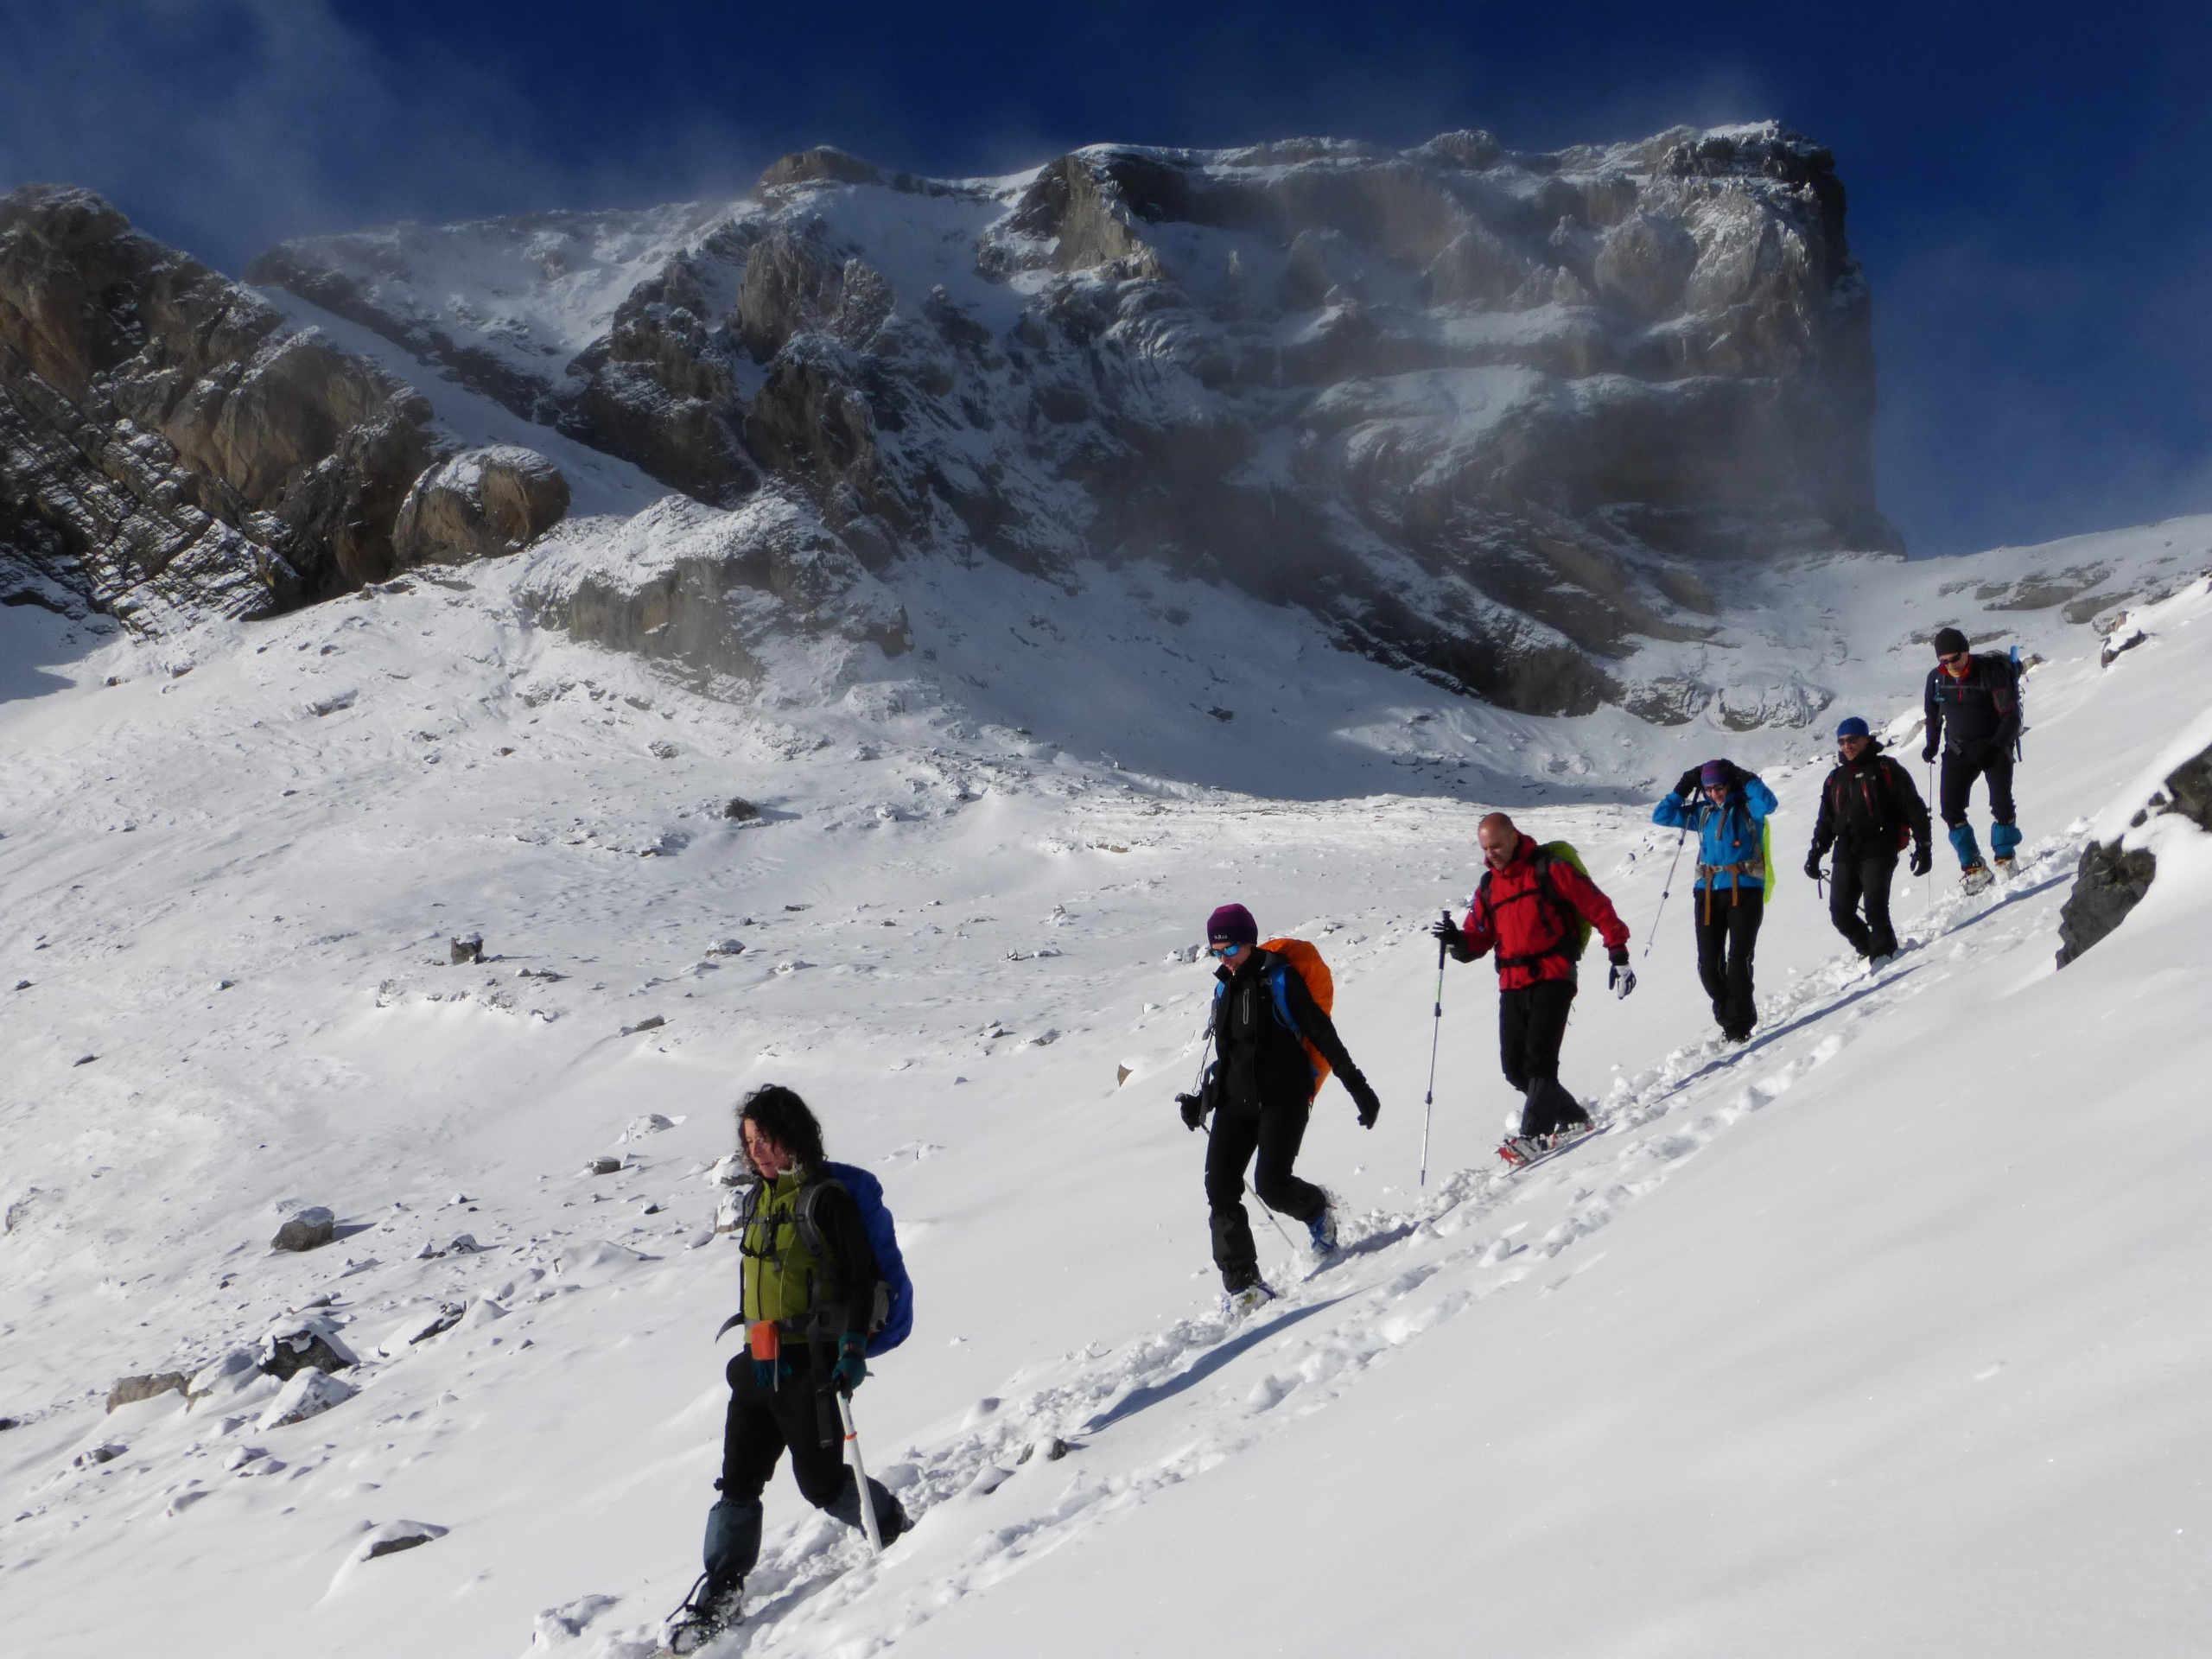 Excursiones con raquetas de nieve en el Valle de Ordesa.Pirineo Aragones